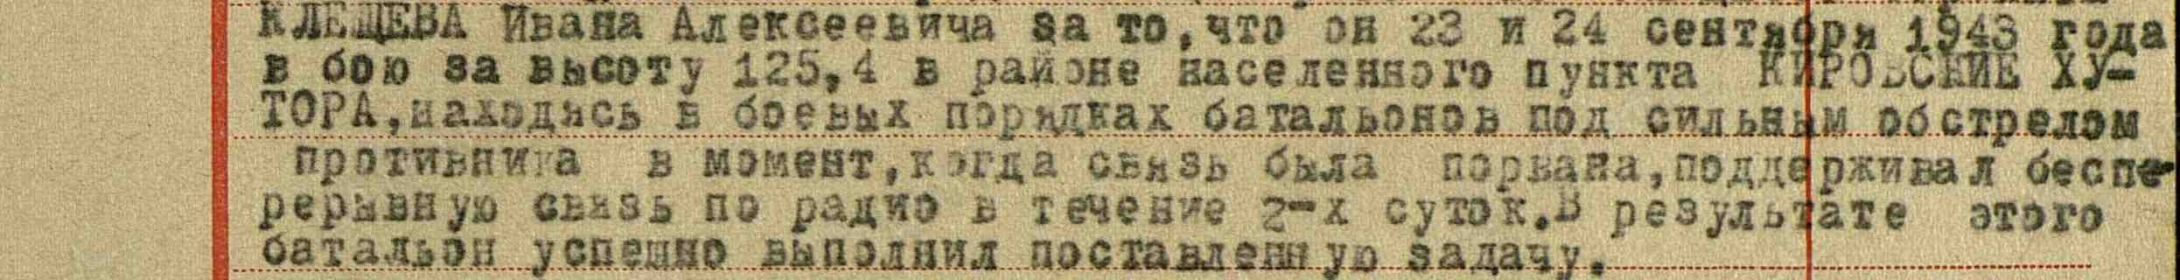 """Участие в боевых действия - награждён медалью """" За боевые заслуги"""""""